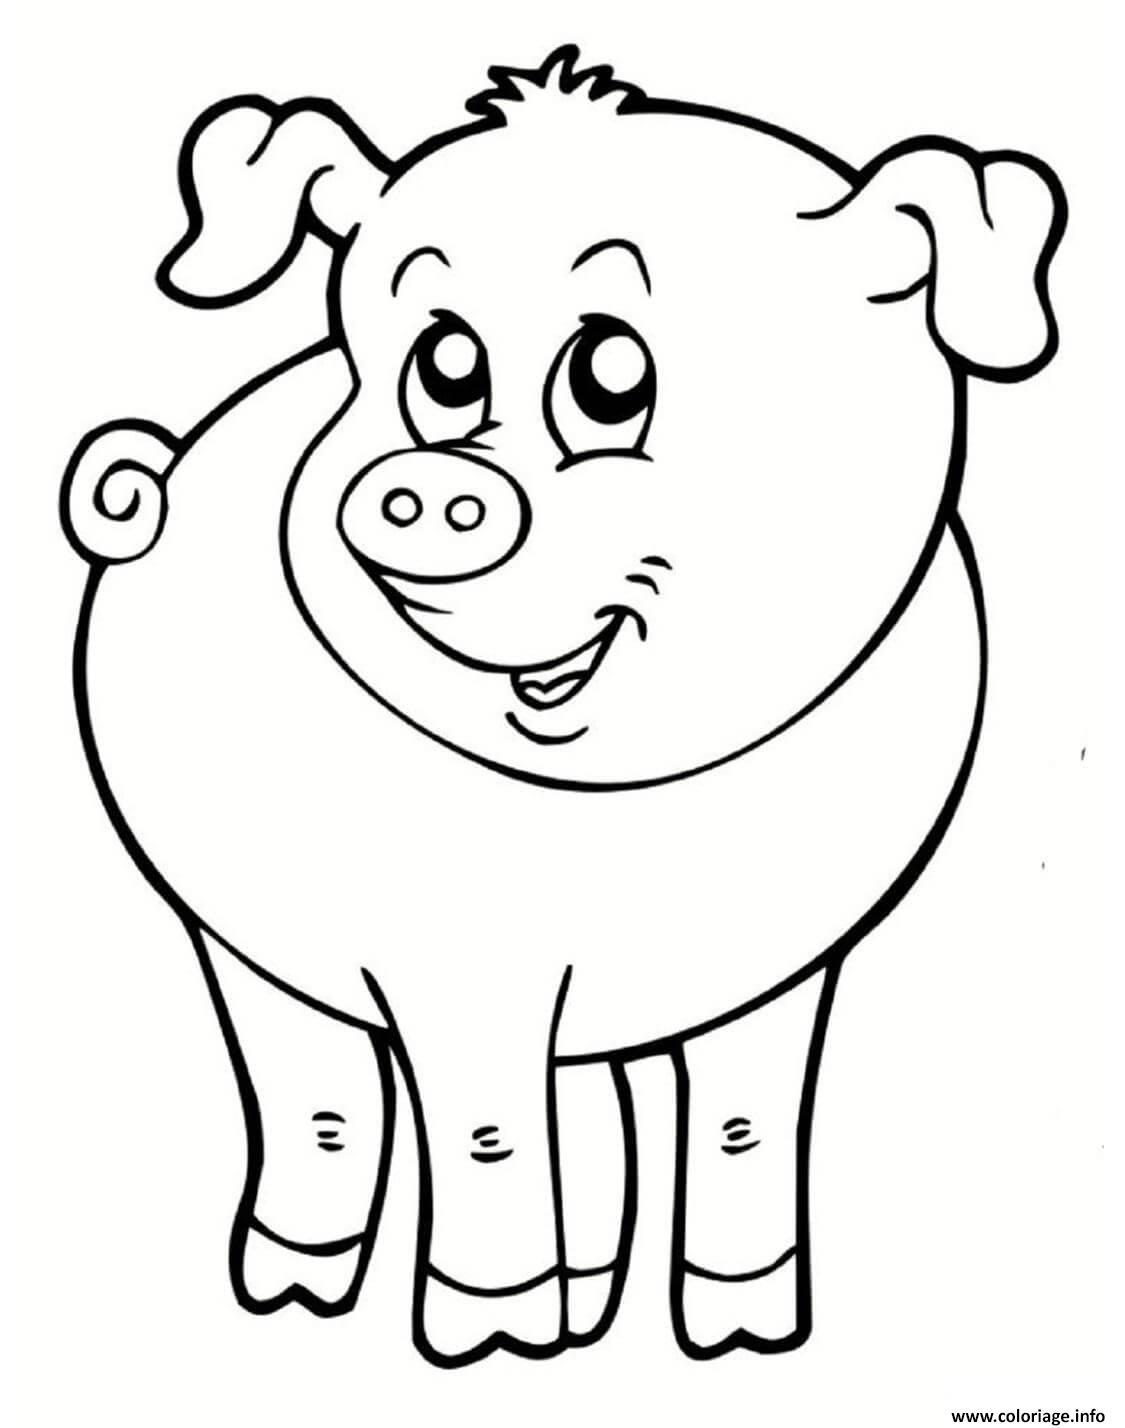 Coloriage Cochon Souriant Animal De La Ferme Dessin intérieur Dessin Animaux De La Ferme À Imprimer